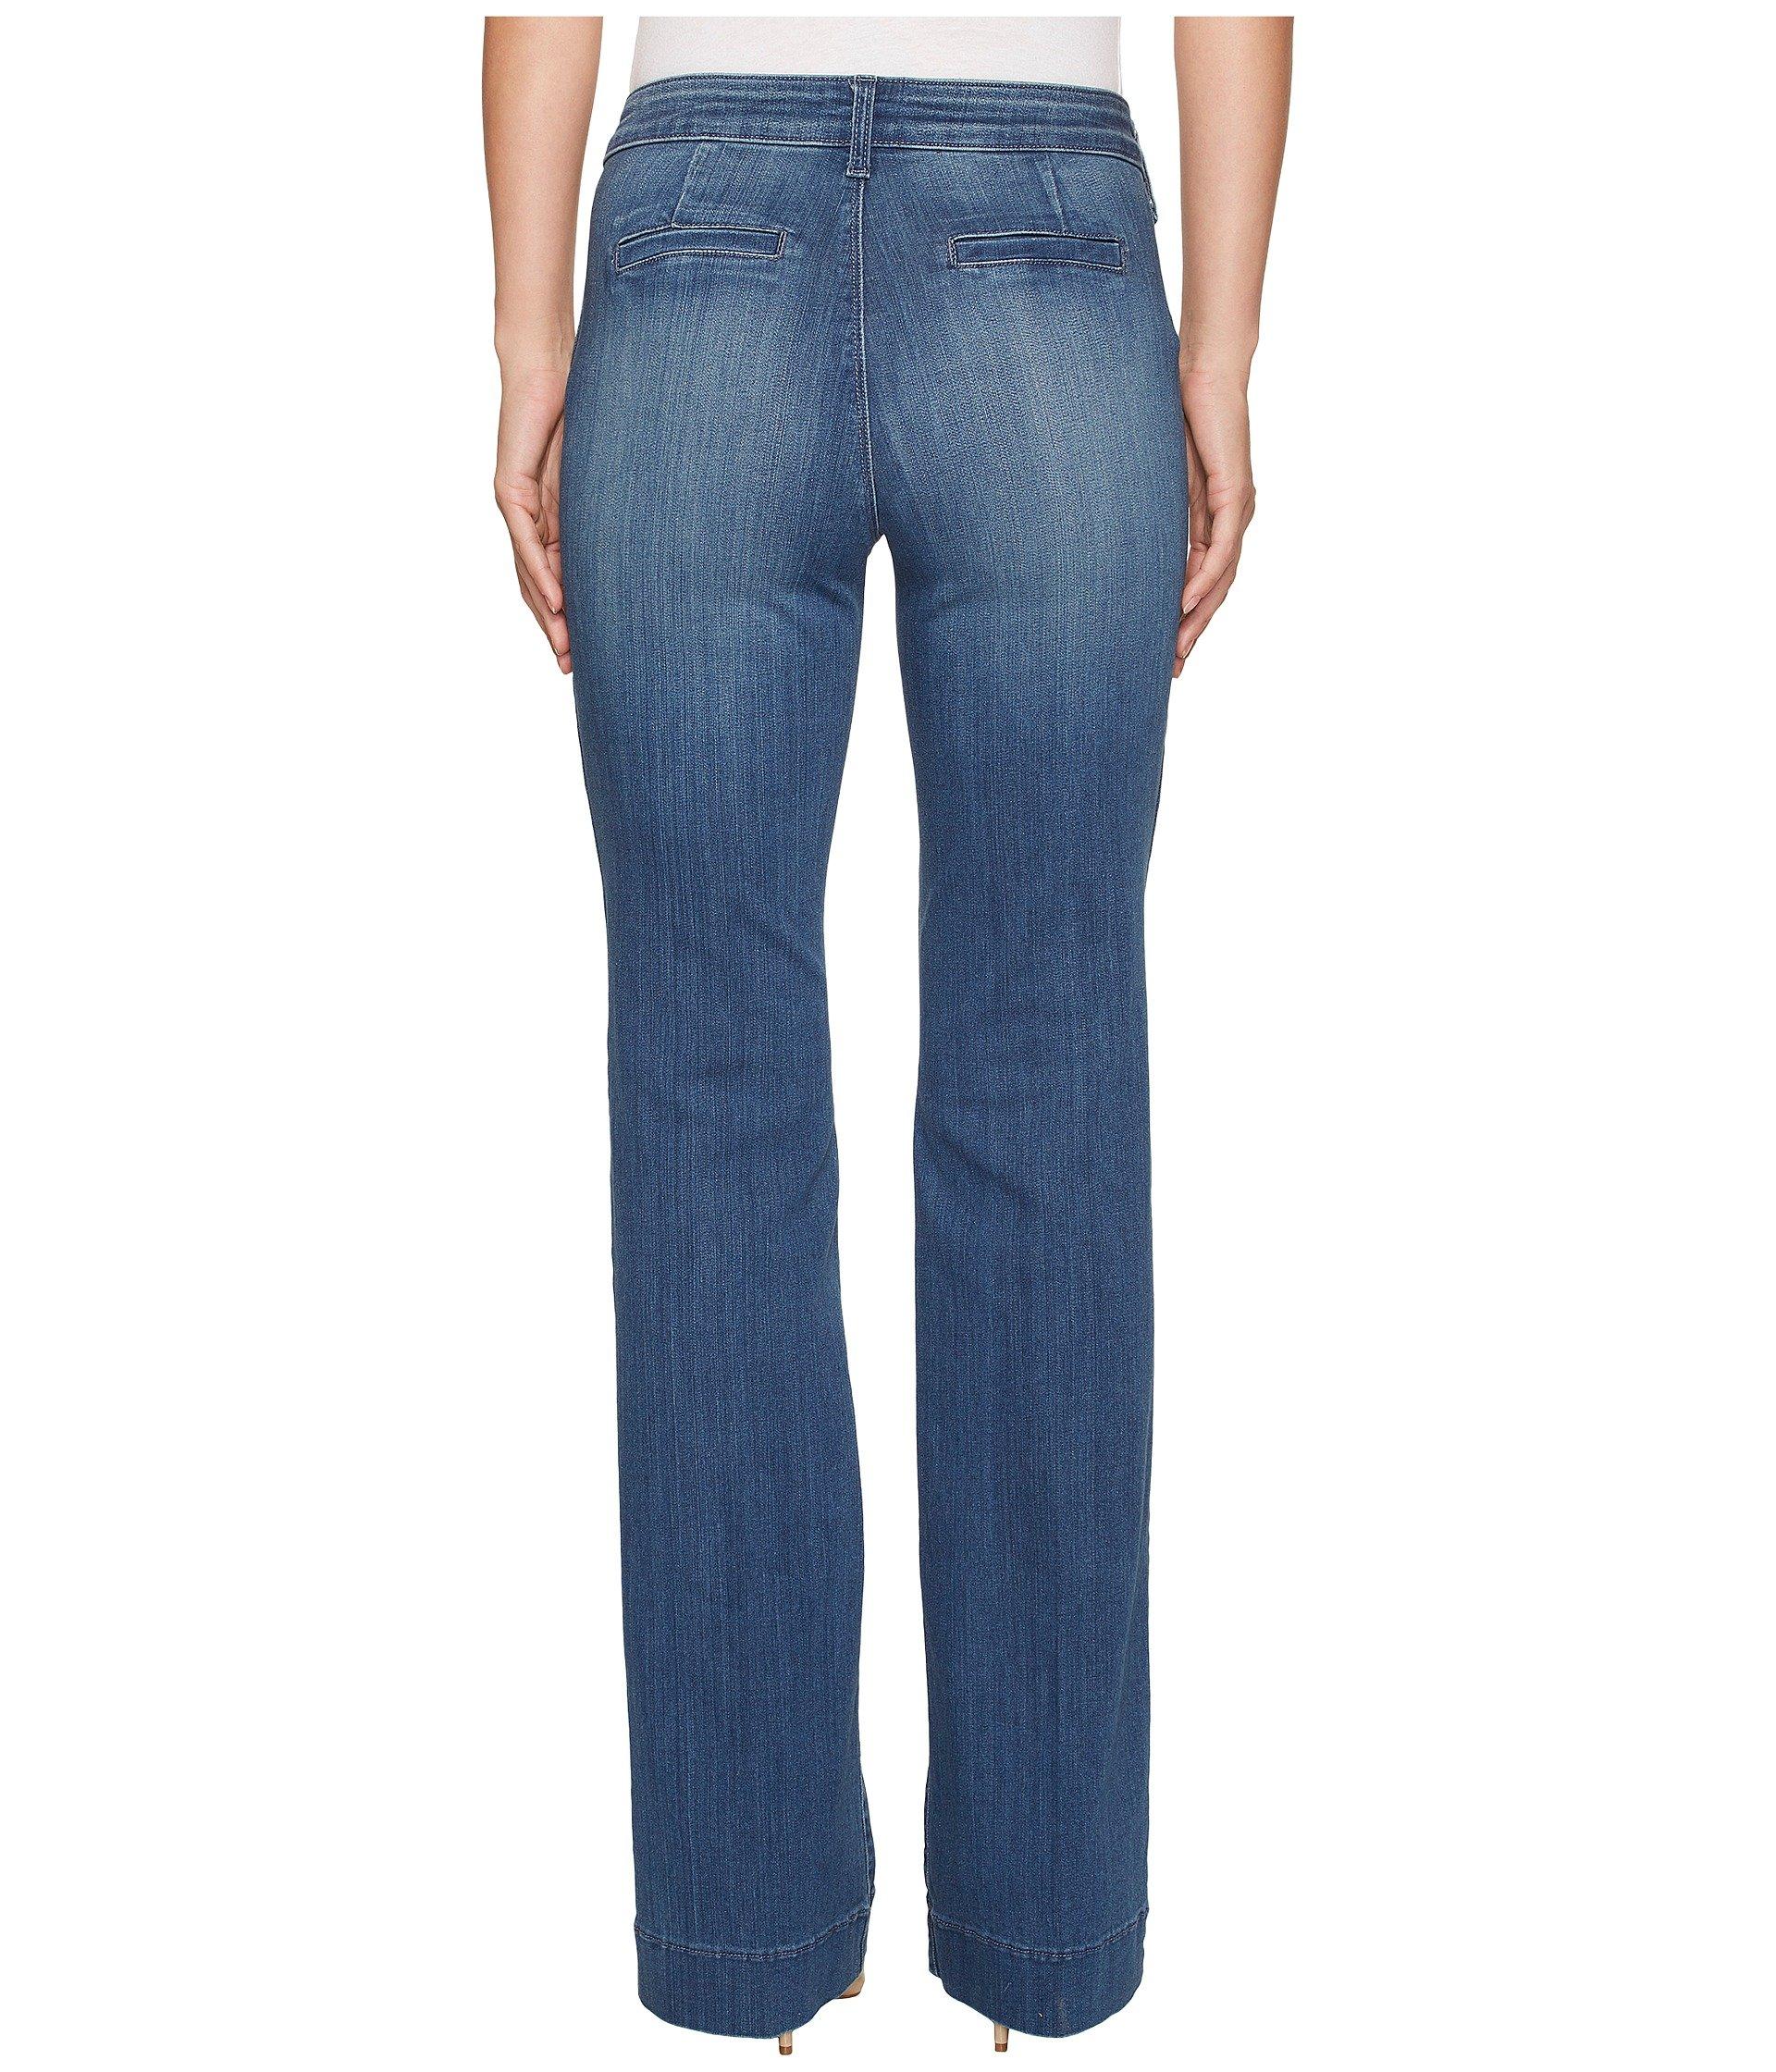 NYDJ Womens Teresa Trouser Jeans in Premium Denim at